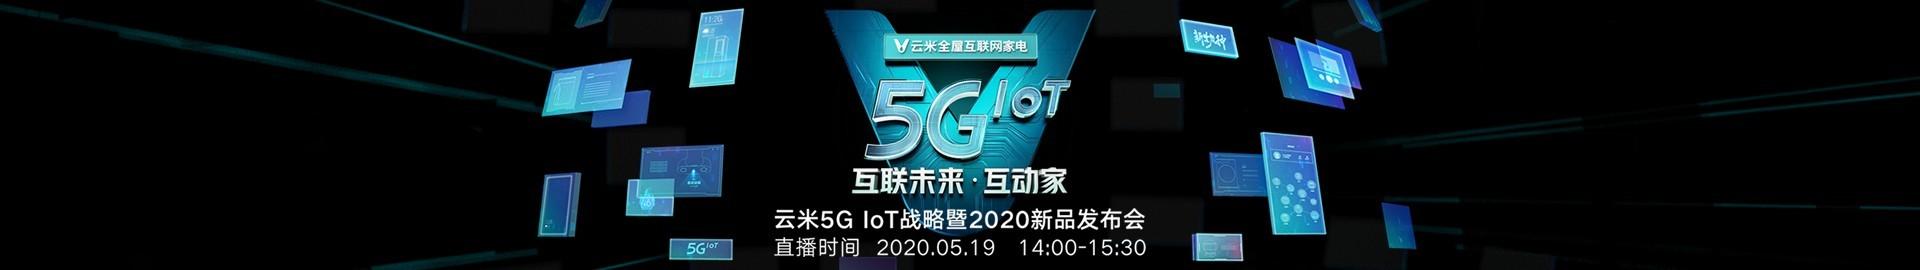 互联未来 互动家 云米5G IoT战略新品发布会